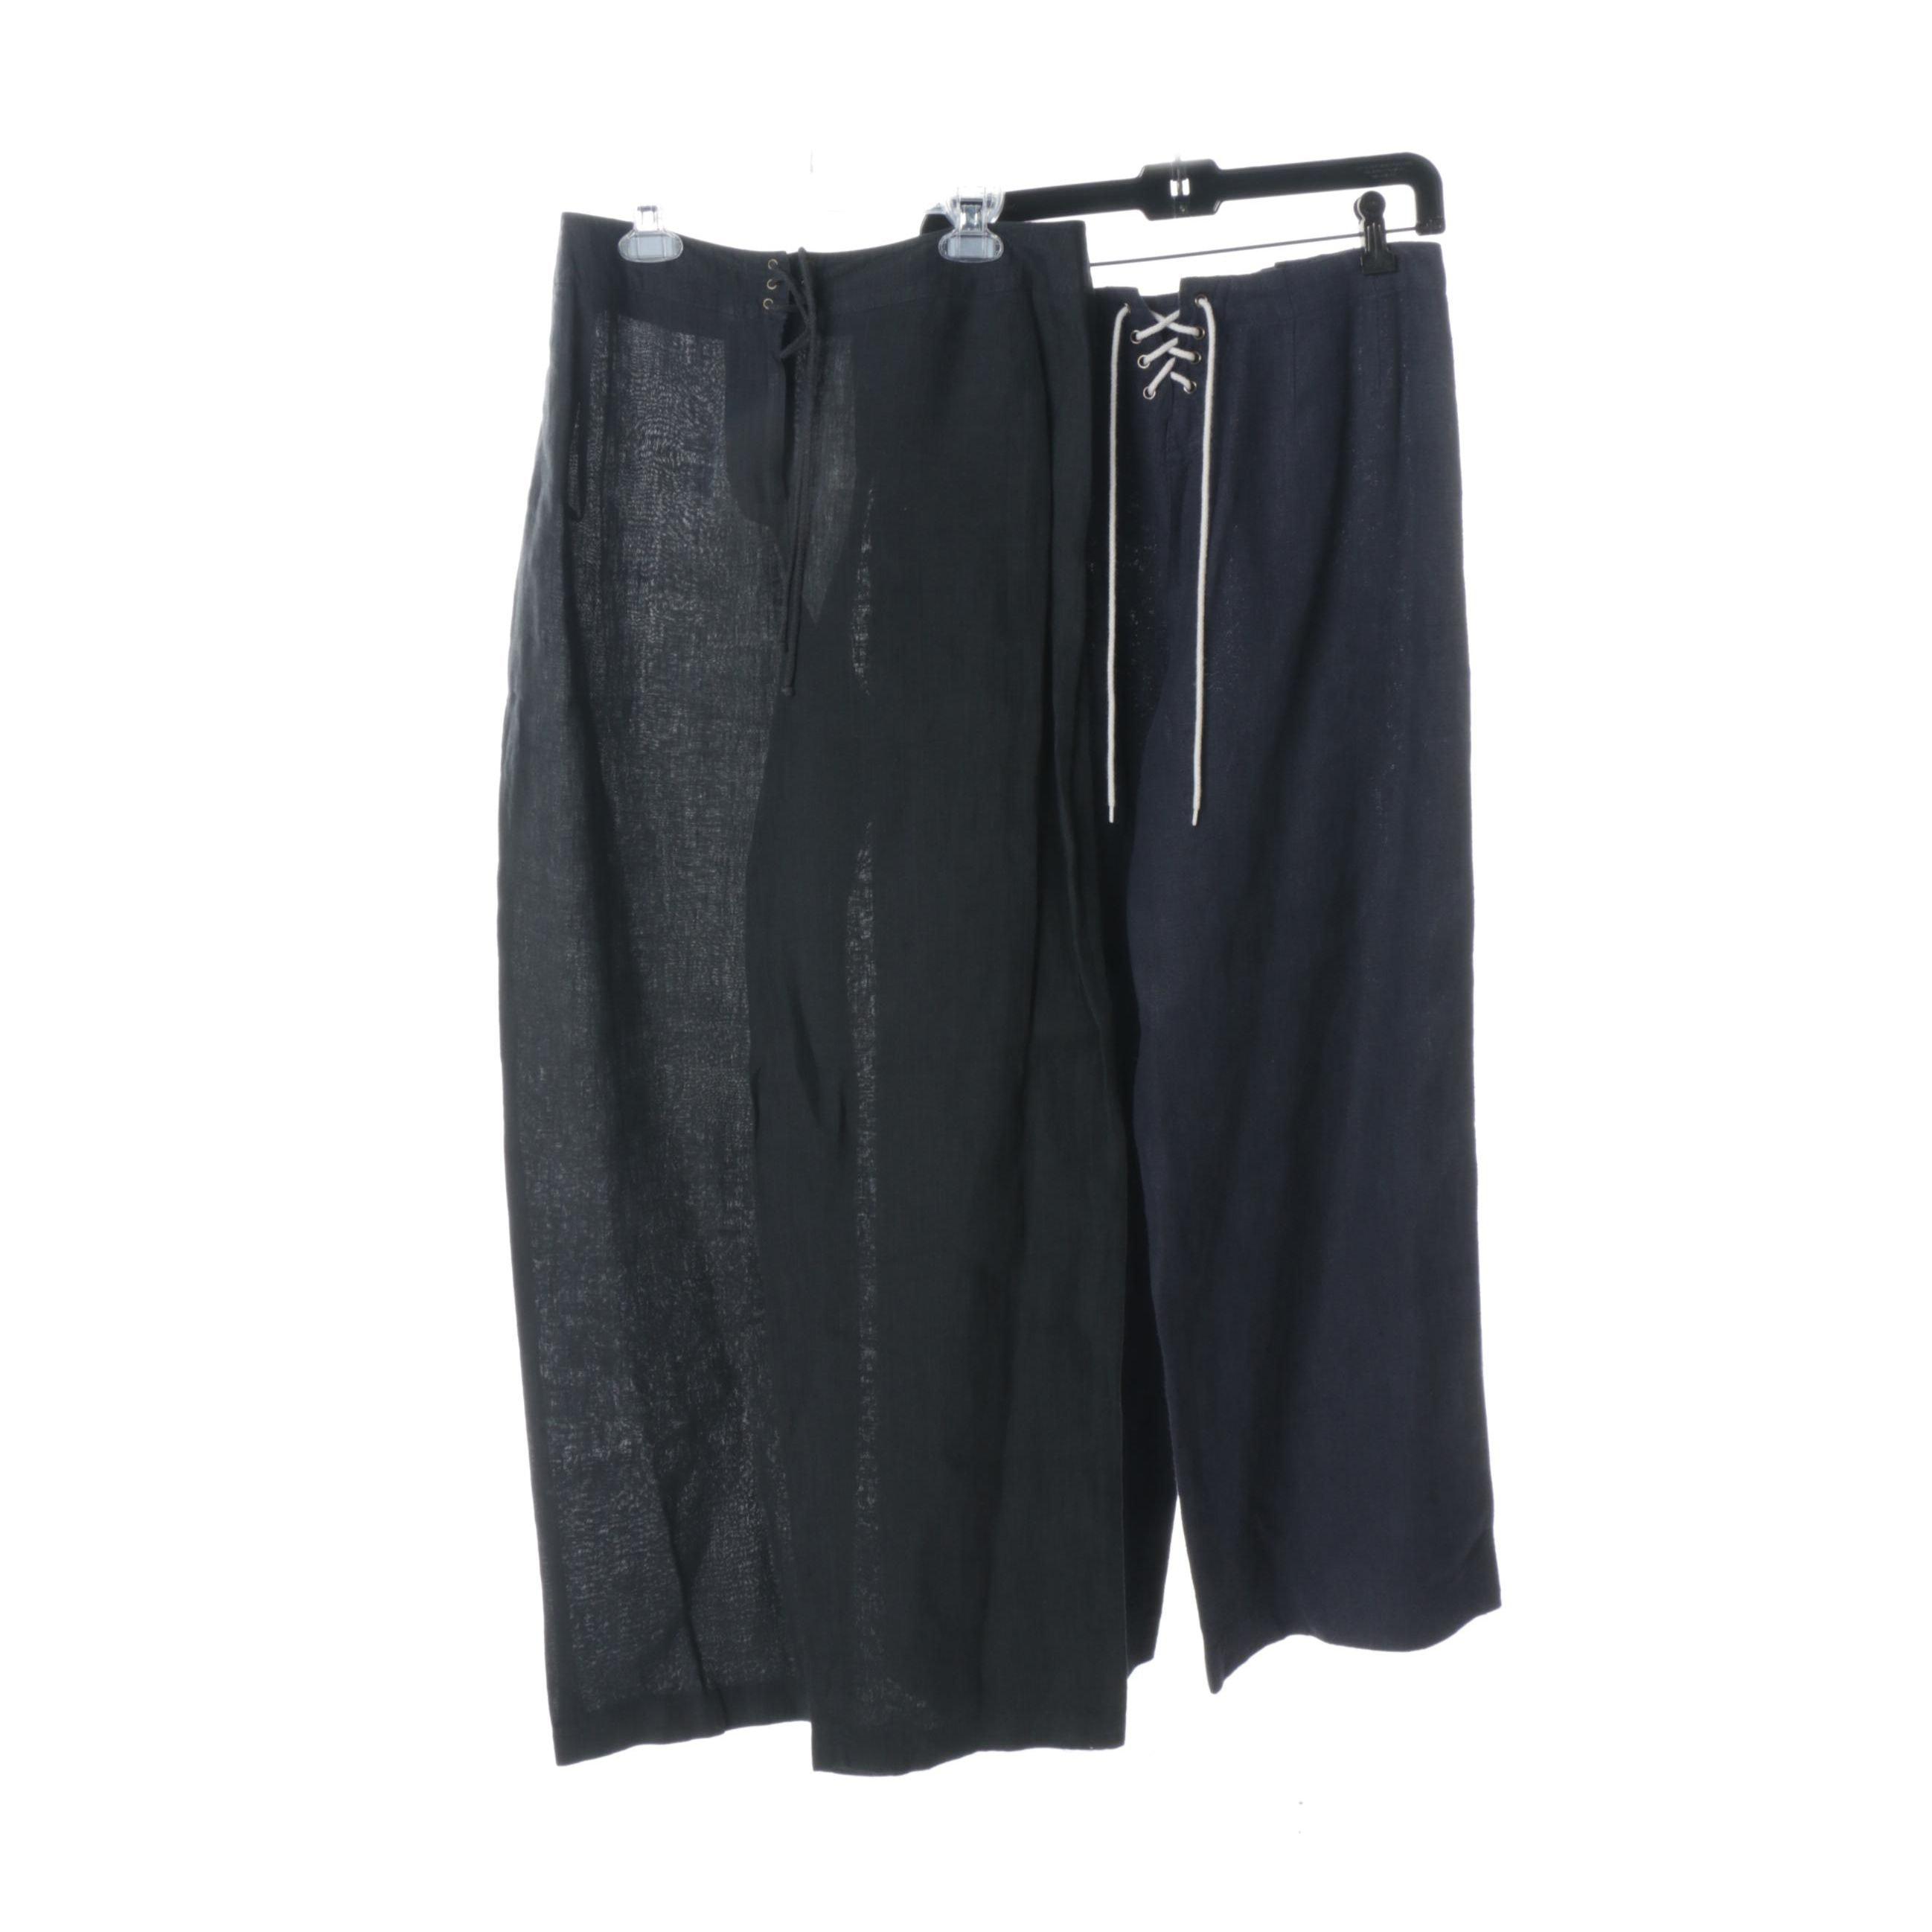 Women's Pants Including Donna Karan Signature